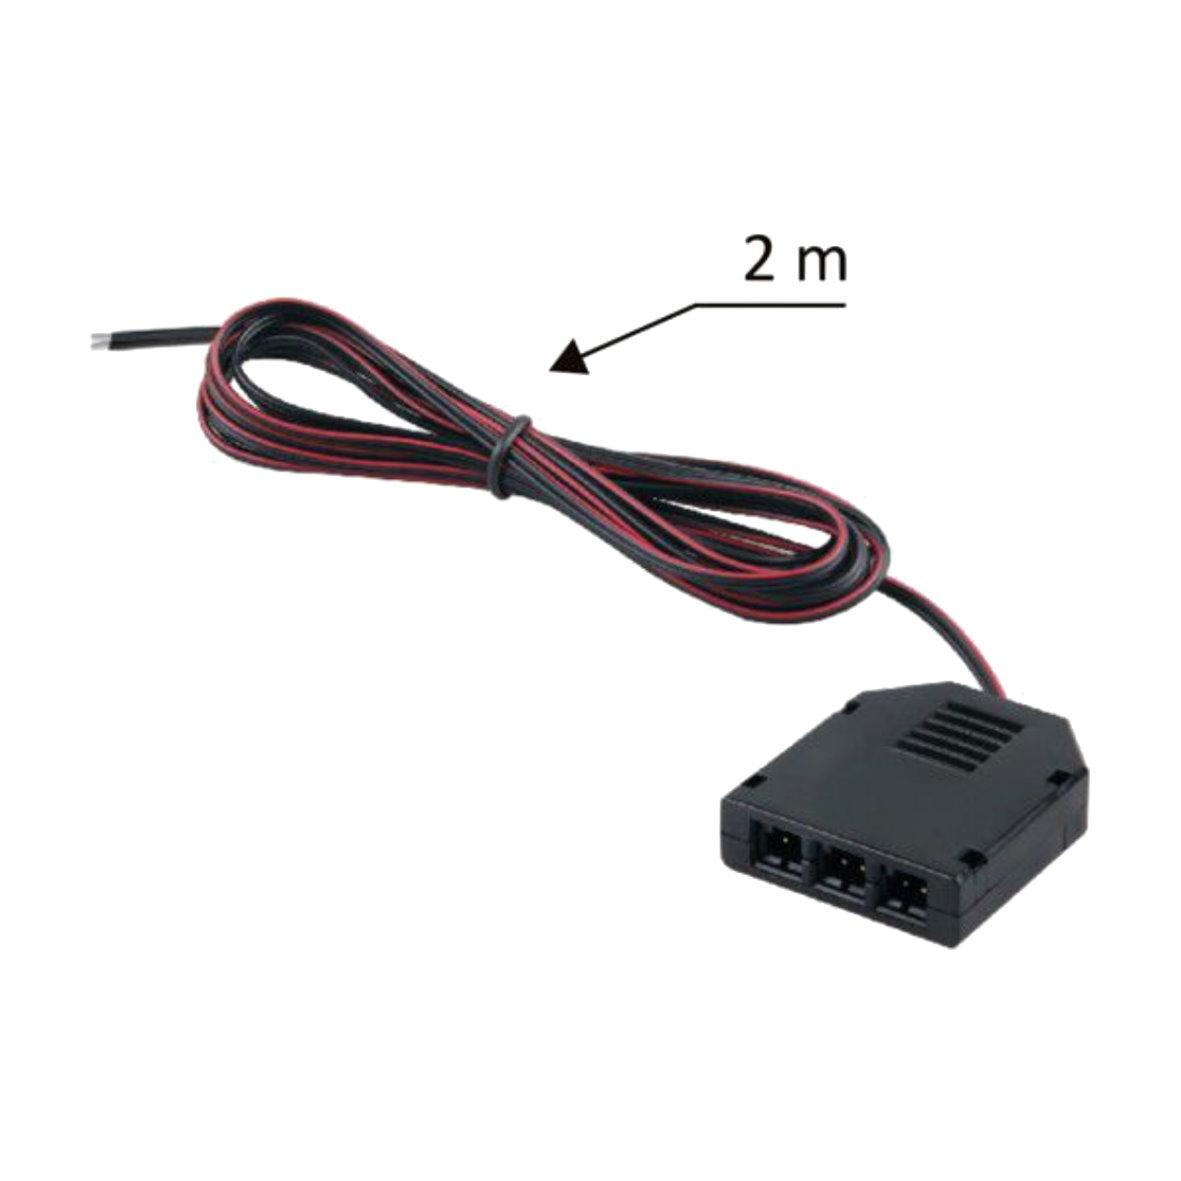 12V LED Mini Stecker Kabel Sensor Buchse Zubehör Kabel Leuchte Lampe ...